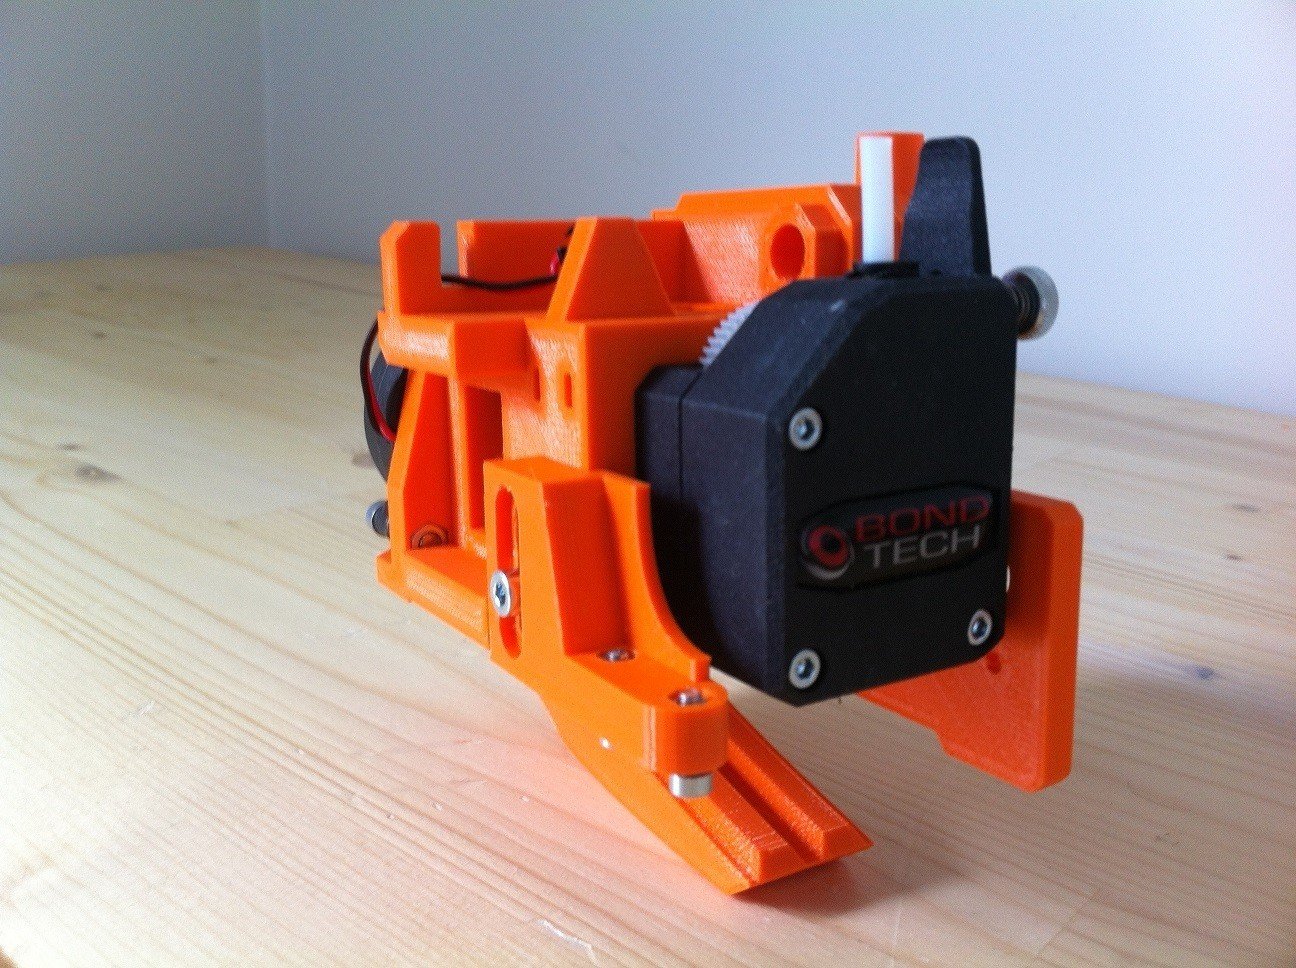 IMG_0932.JPG Download free STL file Direct Drive- E3DV6- Bondtech (right)-Bltouch • 3D printer template, kim_razor